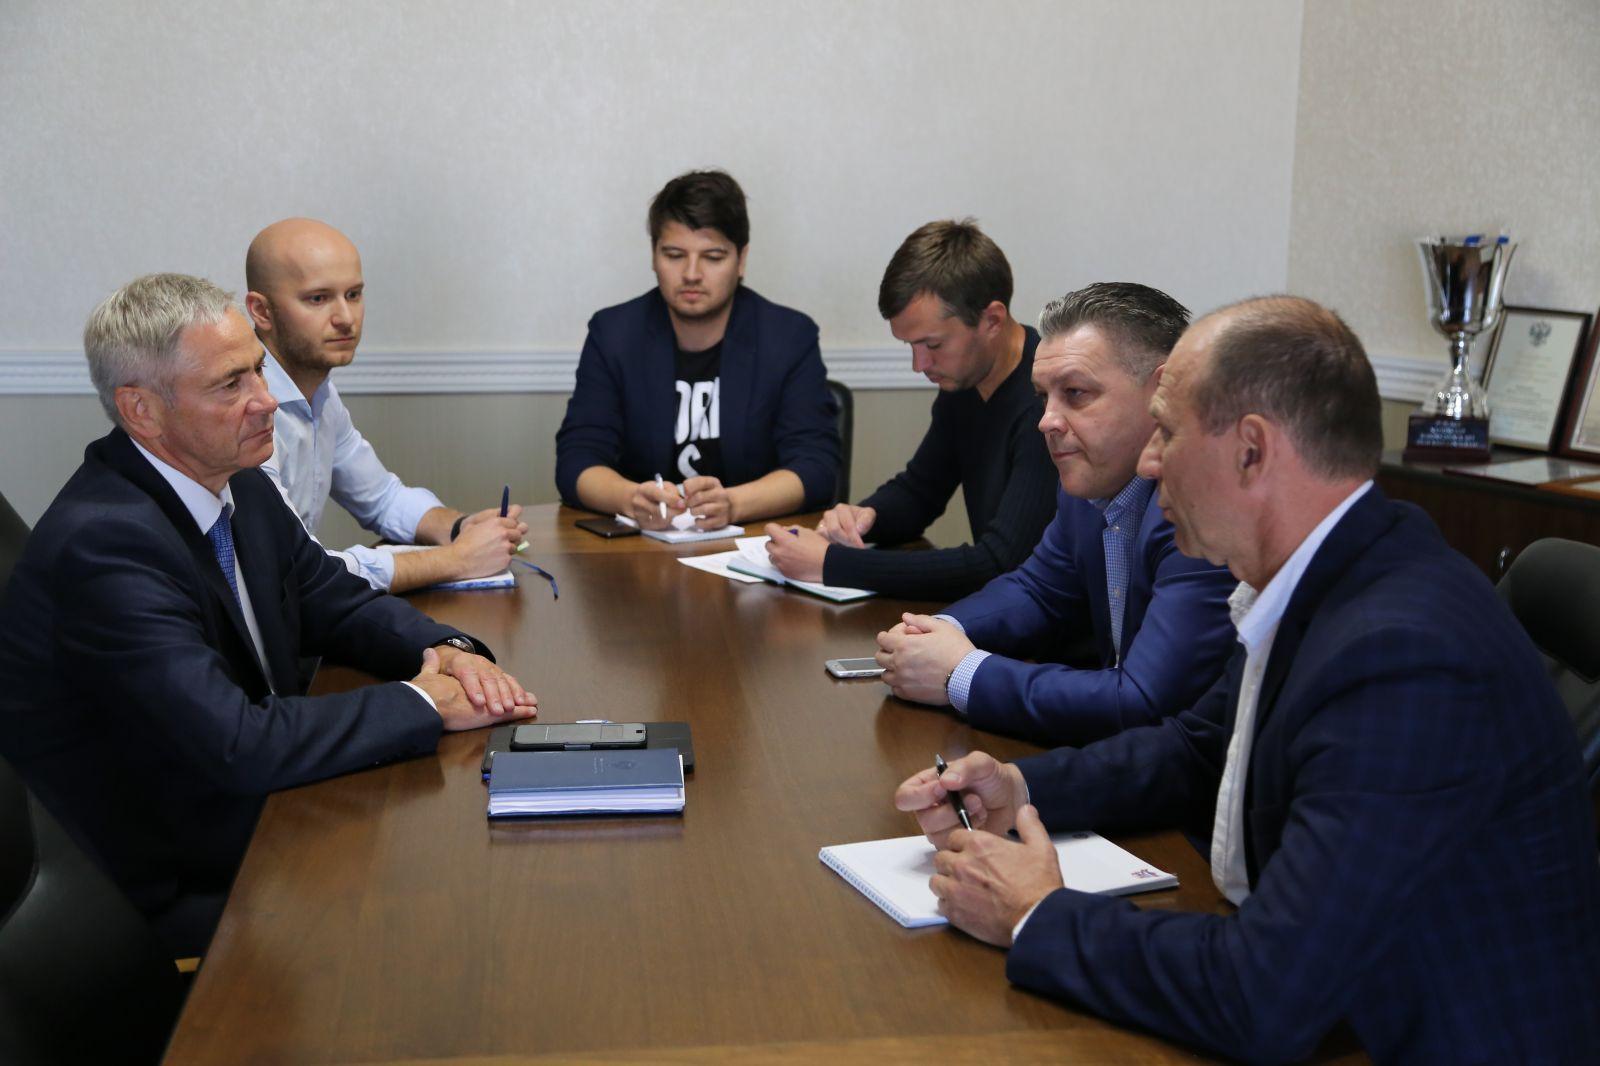 П.А. Рожков в офисе ПКР провел рабочее совещание по подготовке и проведению международного турнира - кубка континента по хоккею-следж